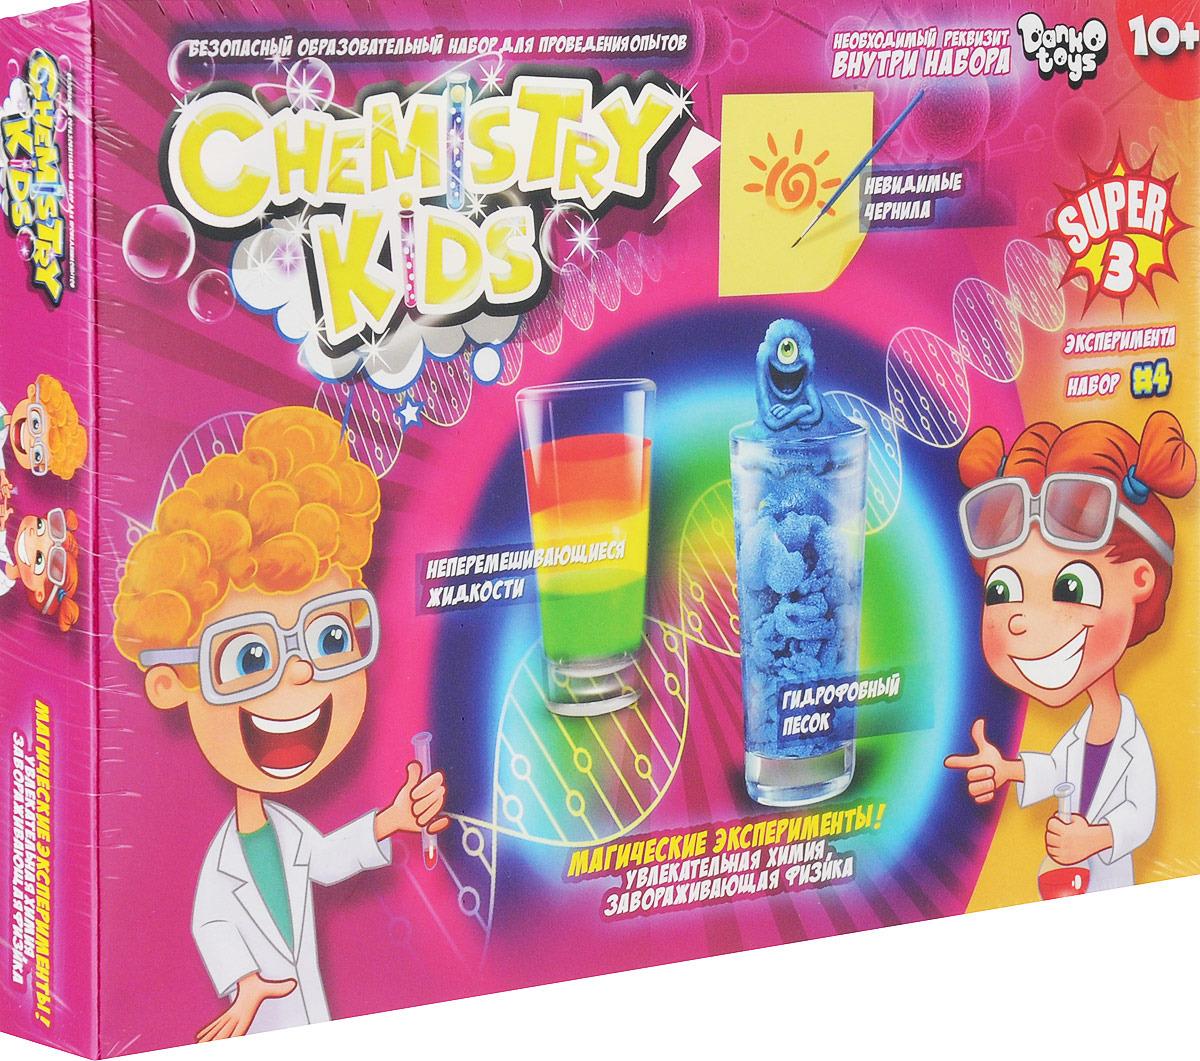 Набор для опытов ДанкоТойс Chemistry Kids Магические эксперименты, CHK-02-04CHK-02-04Этот большой набор для научных экспериментов - прекрасный подарок юным исследователям, которые жаждут новых открытий. Ребенок сможет познакомиться с захватывающей и невероятной химией, узнать маленькие секреты загадочных явлений, создать своими руками интереснейшие опытные образцы. Большой набор для опытов Chemistry Kids полностью безопасен для ребенка, при соблюдении рекомендаций описанных в инструкции к каждому опыту. Ребенок создаст увлекательные и невероятные эксперименты и познает суть каждого явления. В набор входит весь необходимый инвентарь для проведения опытов. С таким увлекательным набором опытов, школьник полюбит химию и оценит захватывающие процессы, которые можно провести из подручных материалов в домашних условиях. При помощи вспомогательных средств входящих в набор, можно провести следующие эксперименты: – создать невидимое шпионское чернило... дальше ! – создать гидрофобный песок, который просто невозможно намочить! – сделать несмешивающиеся цвета! – и еще, целых, 6 занимательных экспериментов Набор включает в себя: – инструкция. – 2 жидких красителя. – кисточка. – перчатки для опытов. – гидрофобный песок. – защитные очки. – кварцевый песок. – ложка для экспериментов. – 5 различных веществ для опытов. Рекомендуем!